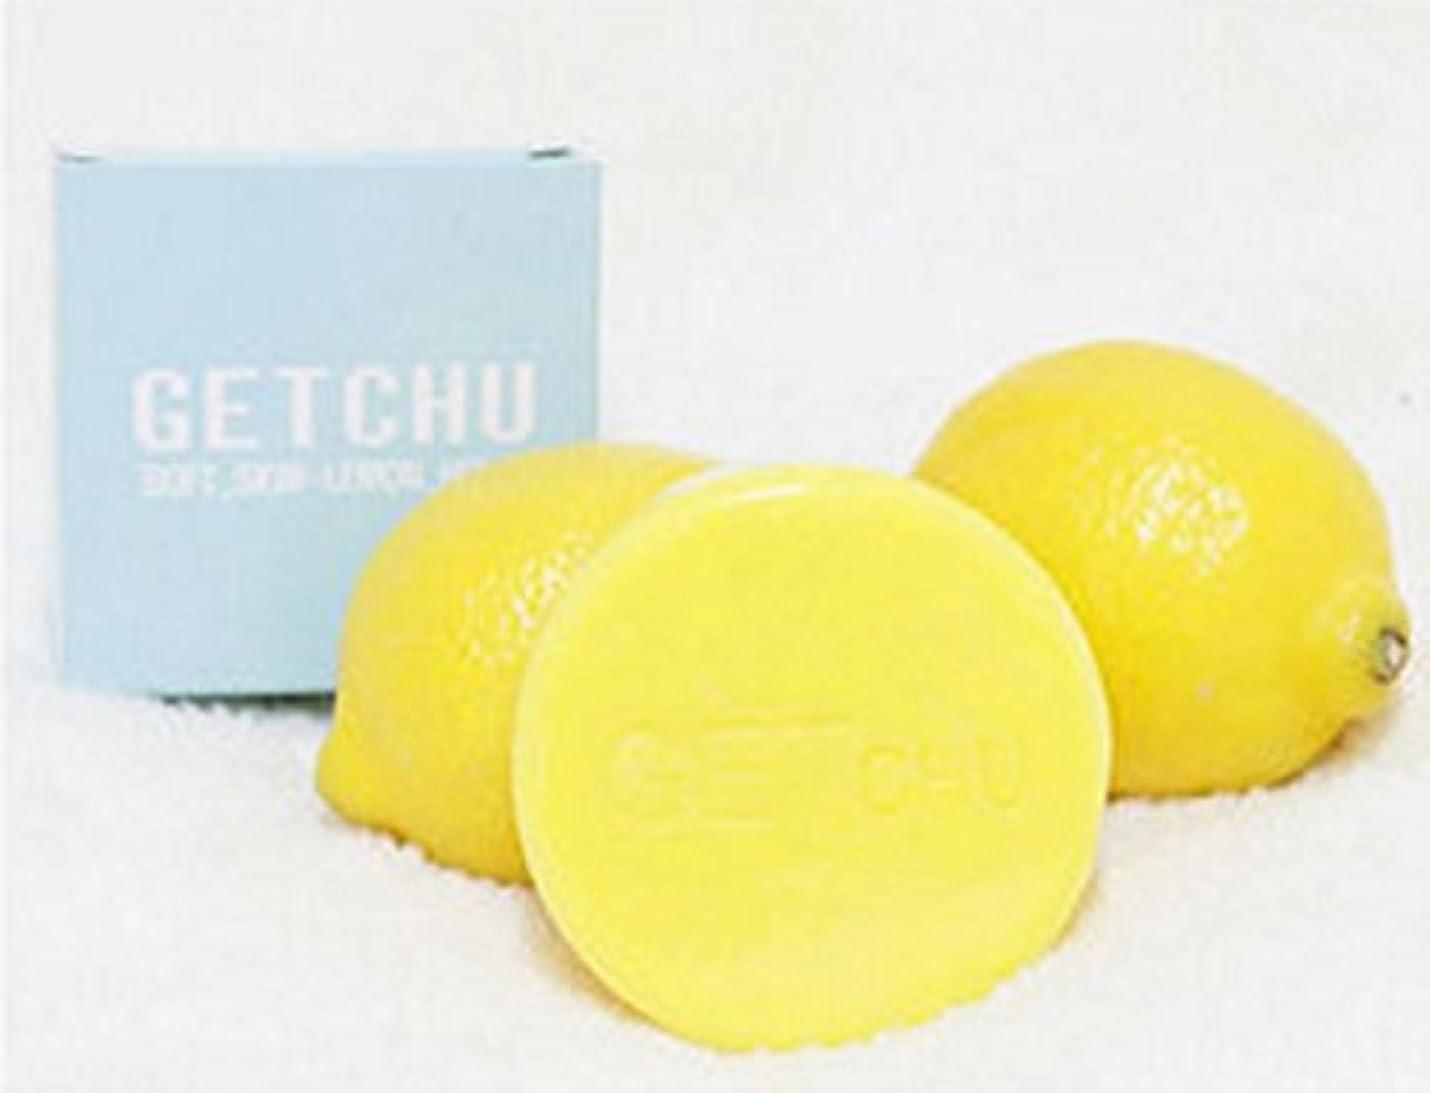 ミニ体細胞お勧め[ソフト スキン ] ゲット ズ- (Get Chu) レモンソープ 石鹼 , 美白 泡洗顔料, ユギノン レモンの成分 ホワイトニング効果/ バブル網 贈呈 [海外直送品]